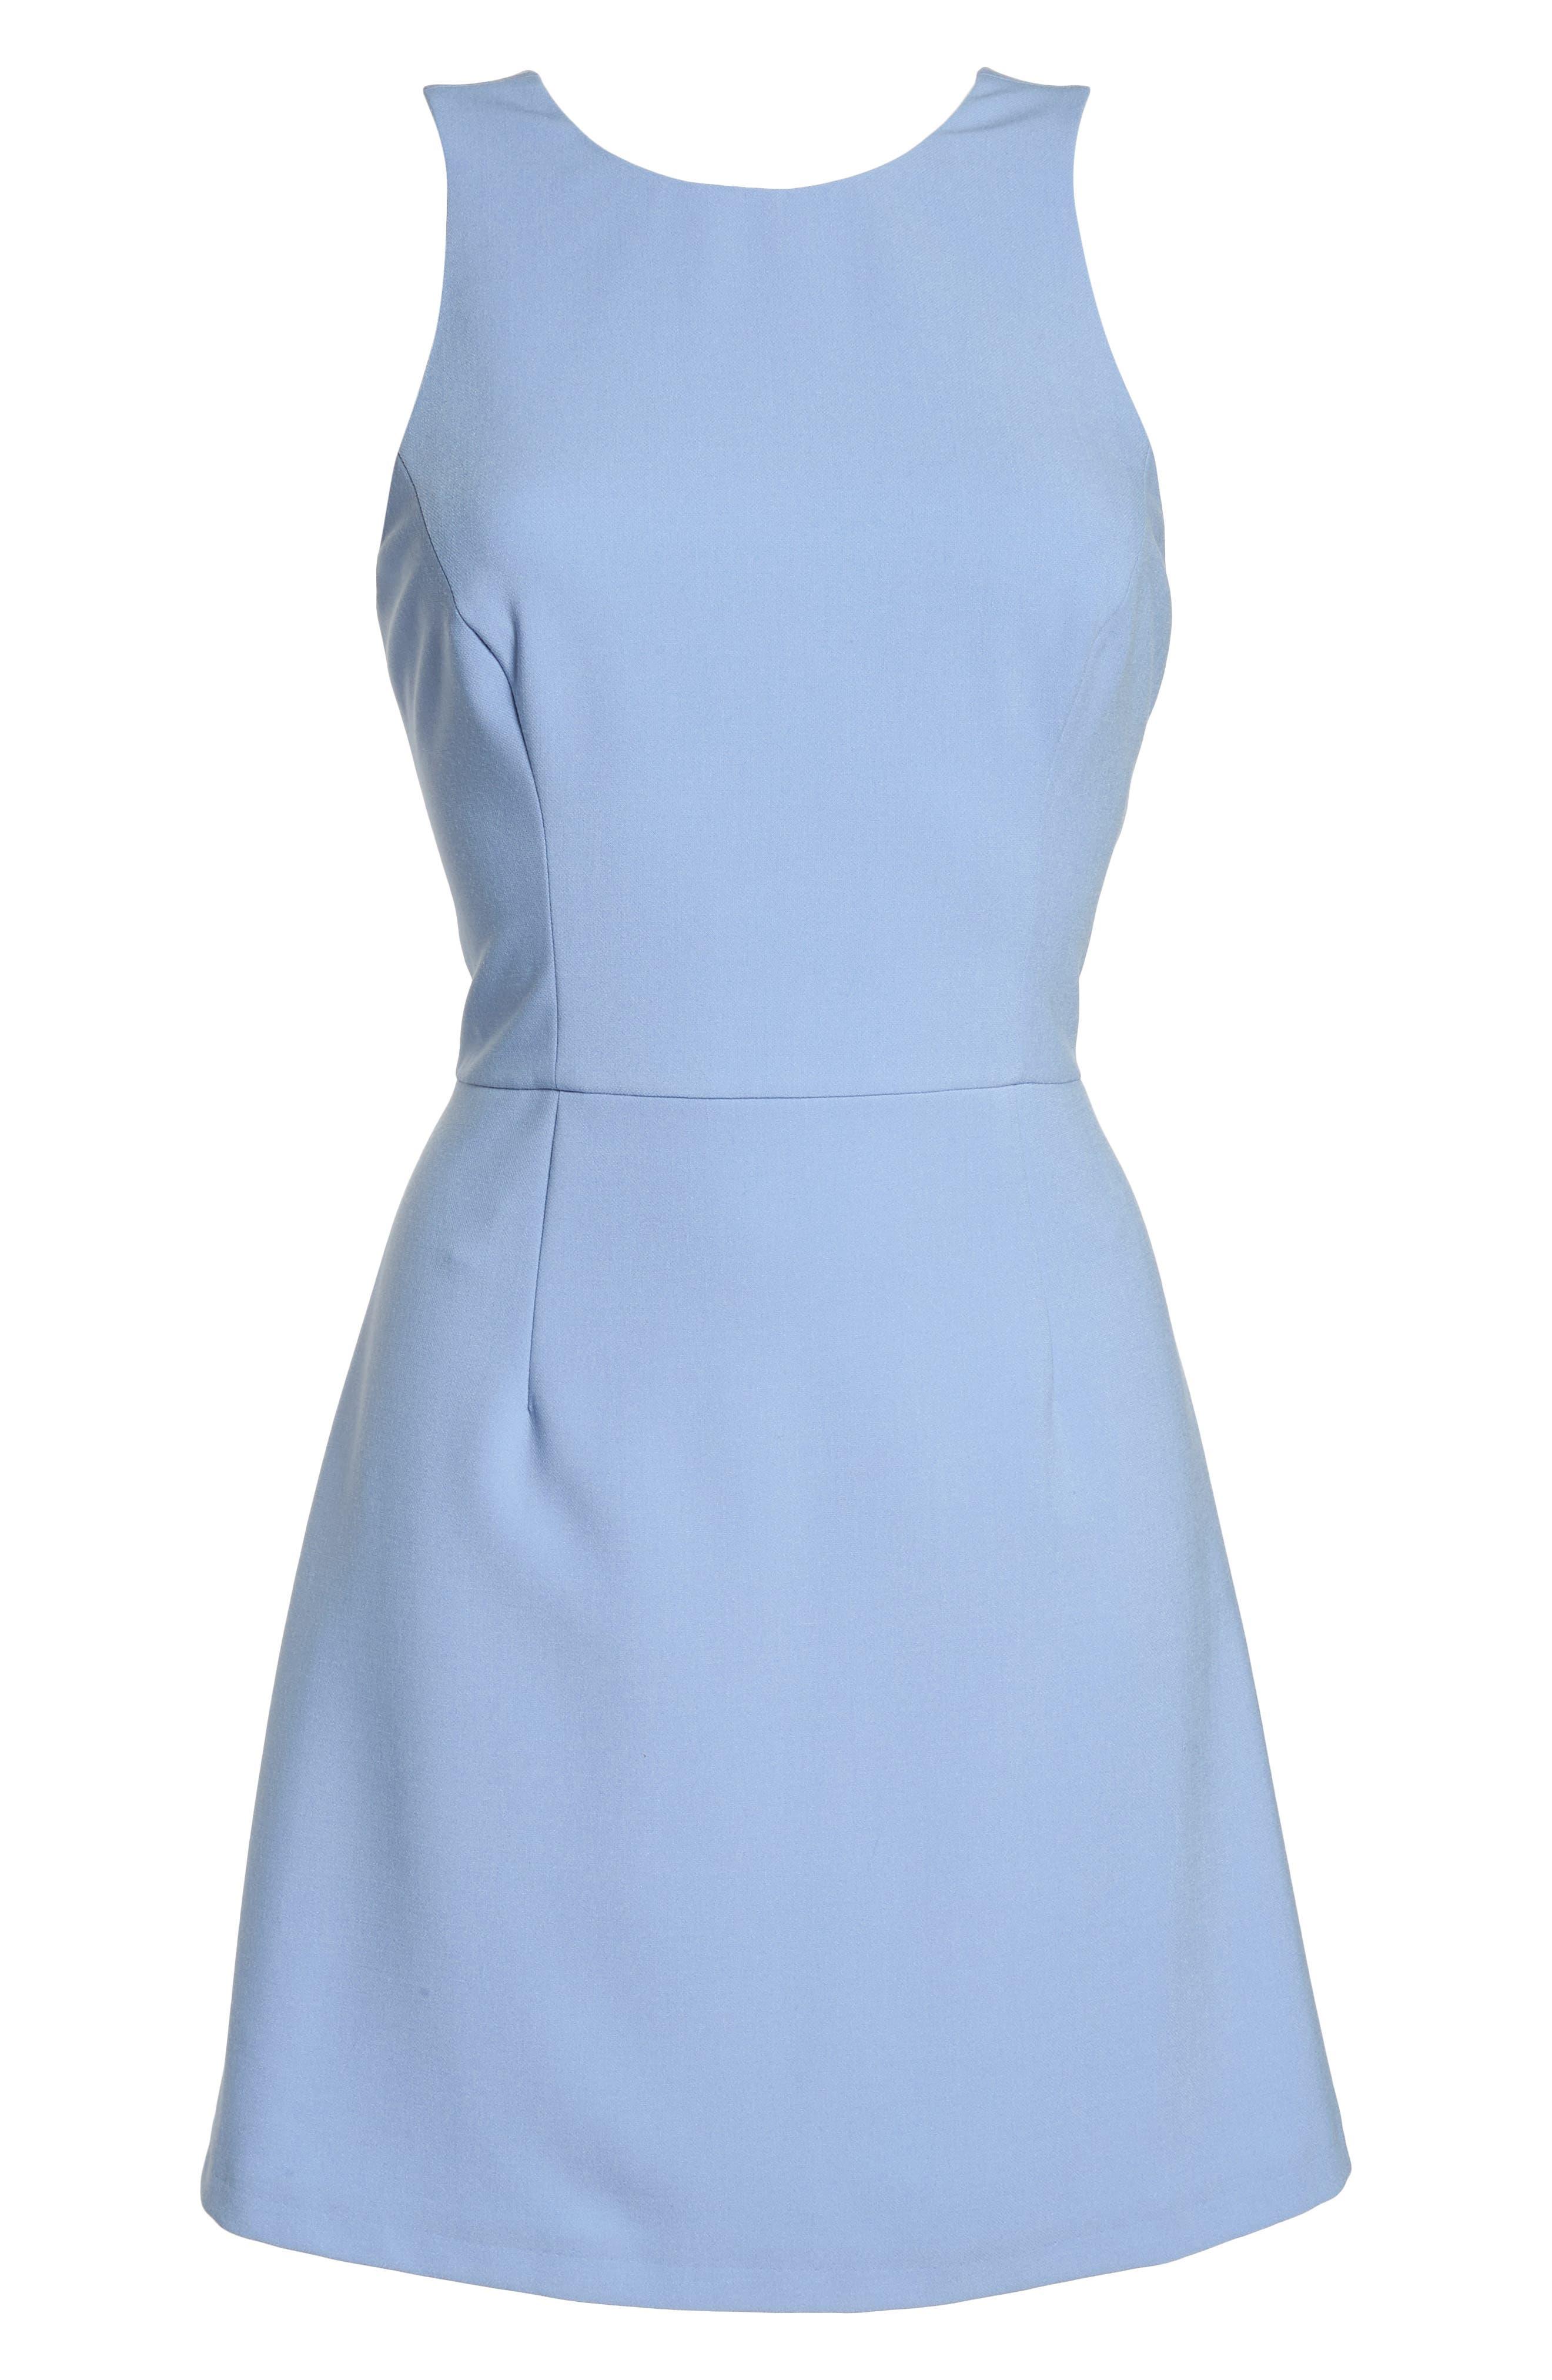 V-Back Tank Dress,                             Alternate thumbnail 7, color,                             Ancona Blue